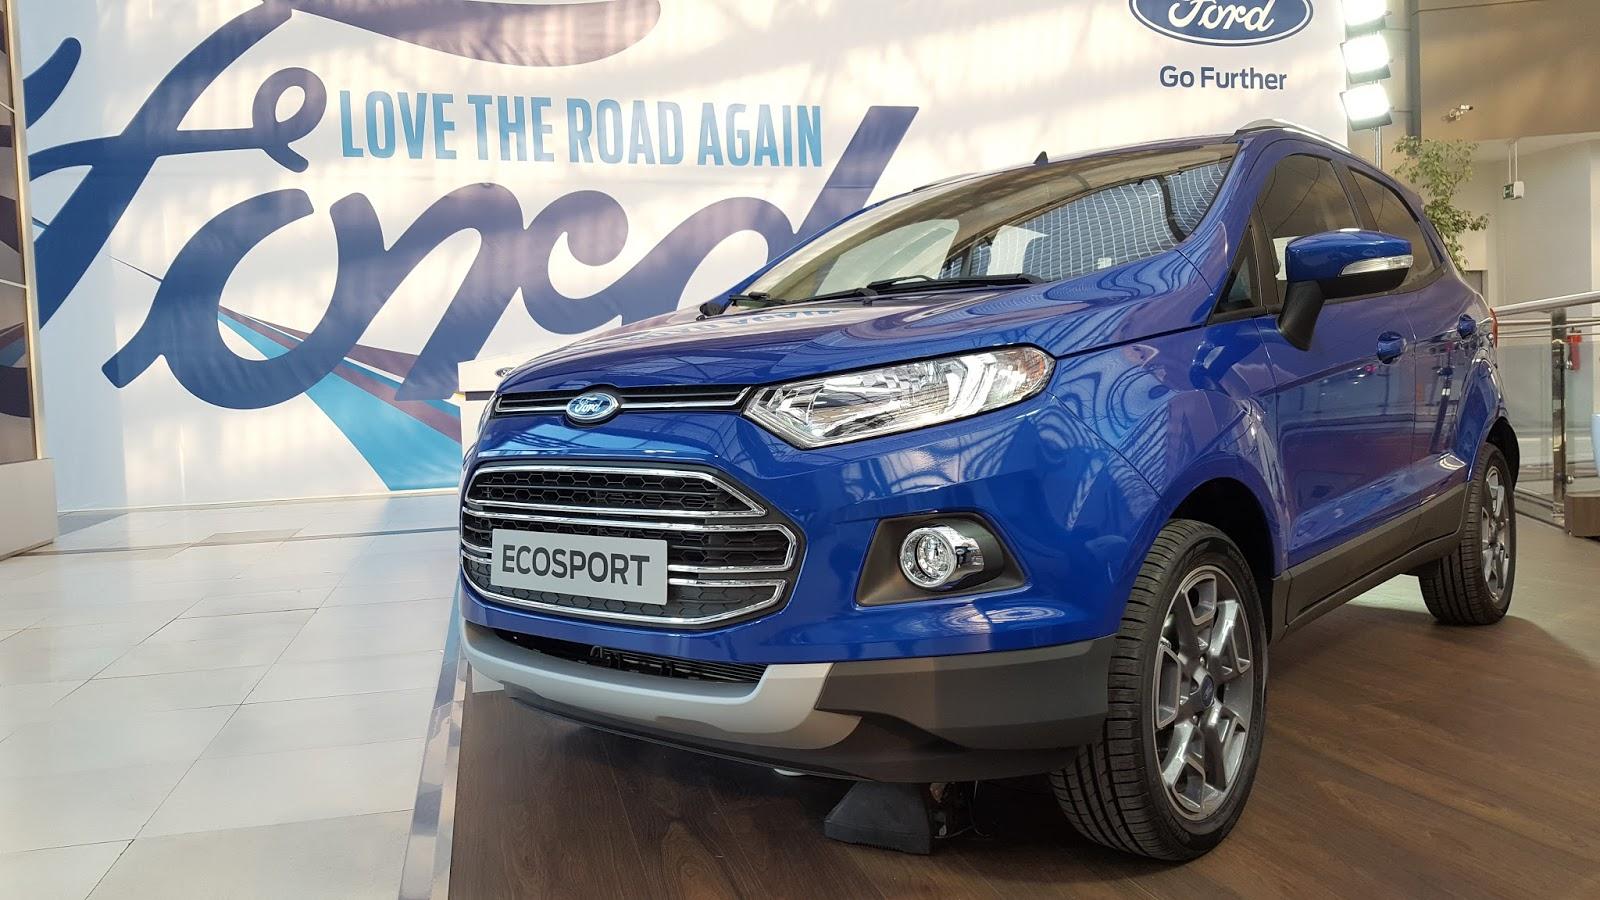 20160928 090210 Δείτε όλα τα νέα μοντέλα Ford στο The Mall Athens Ford, Ford EcoSport, Ford Fiesta ST-Line, Ford Focus RS, Ford KA+